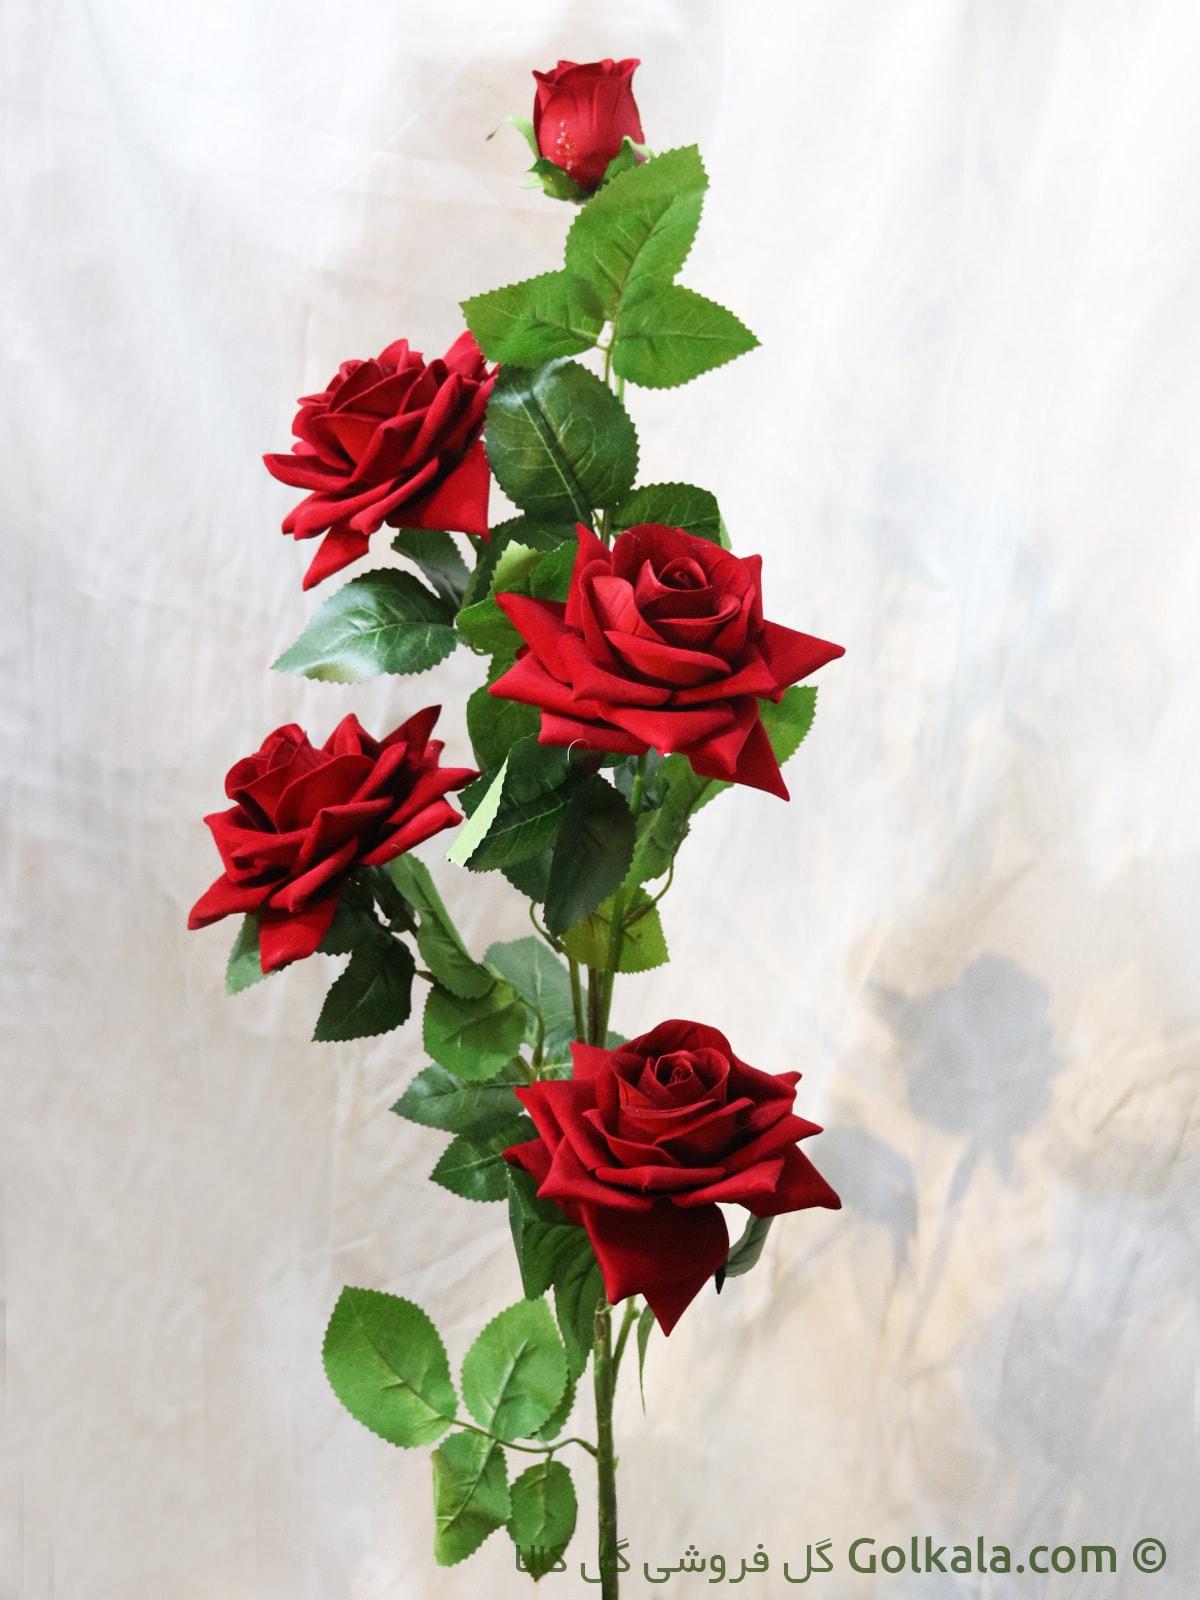 عکس گل رز های زیبا